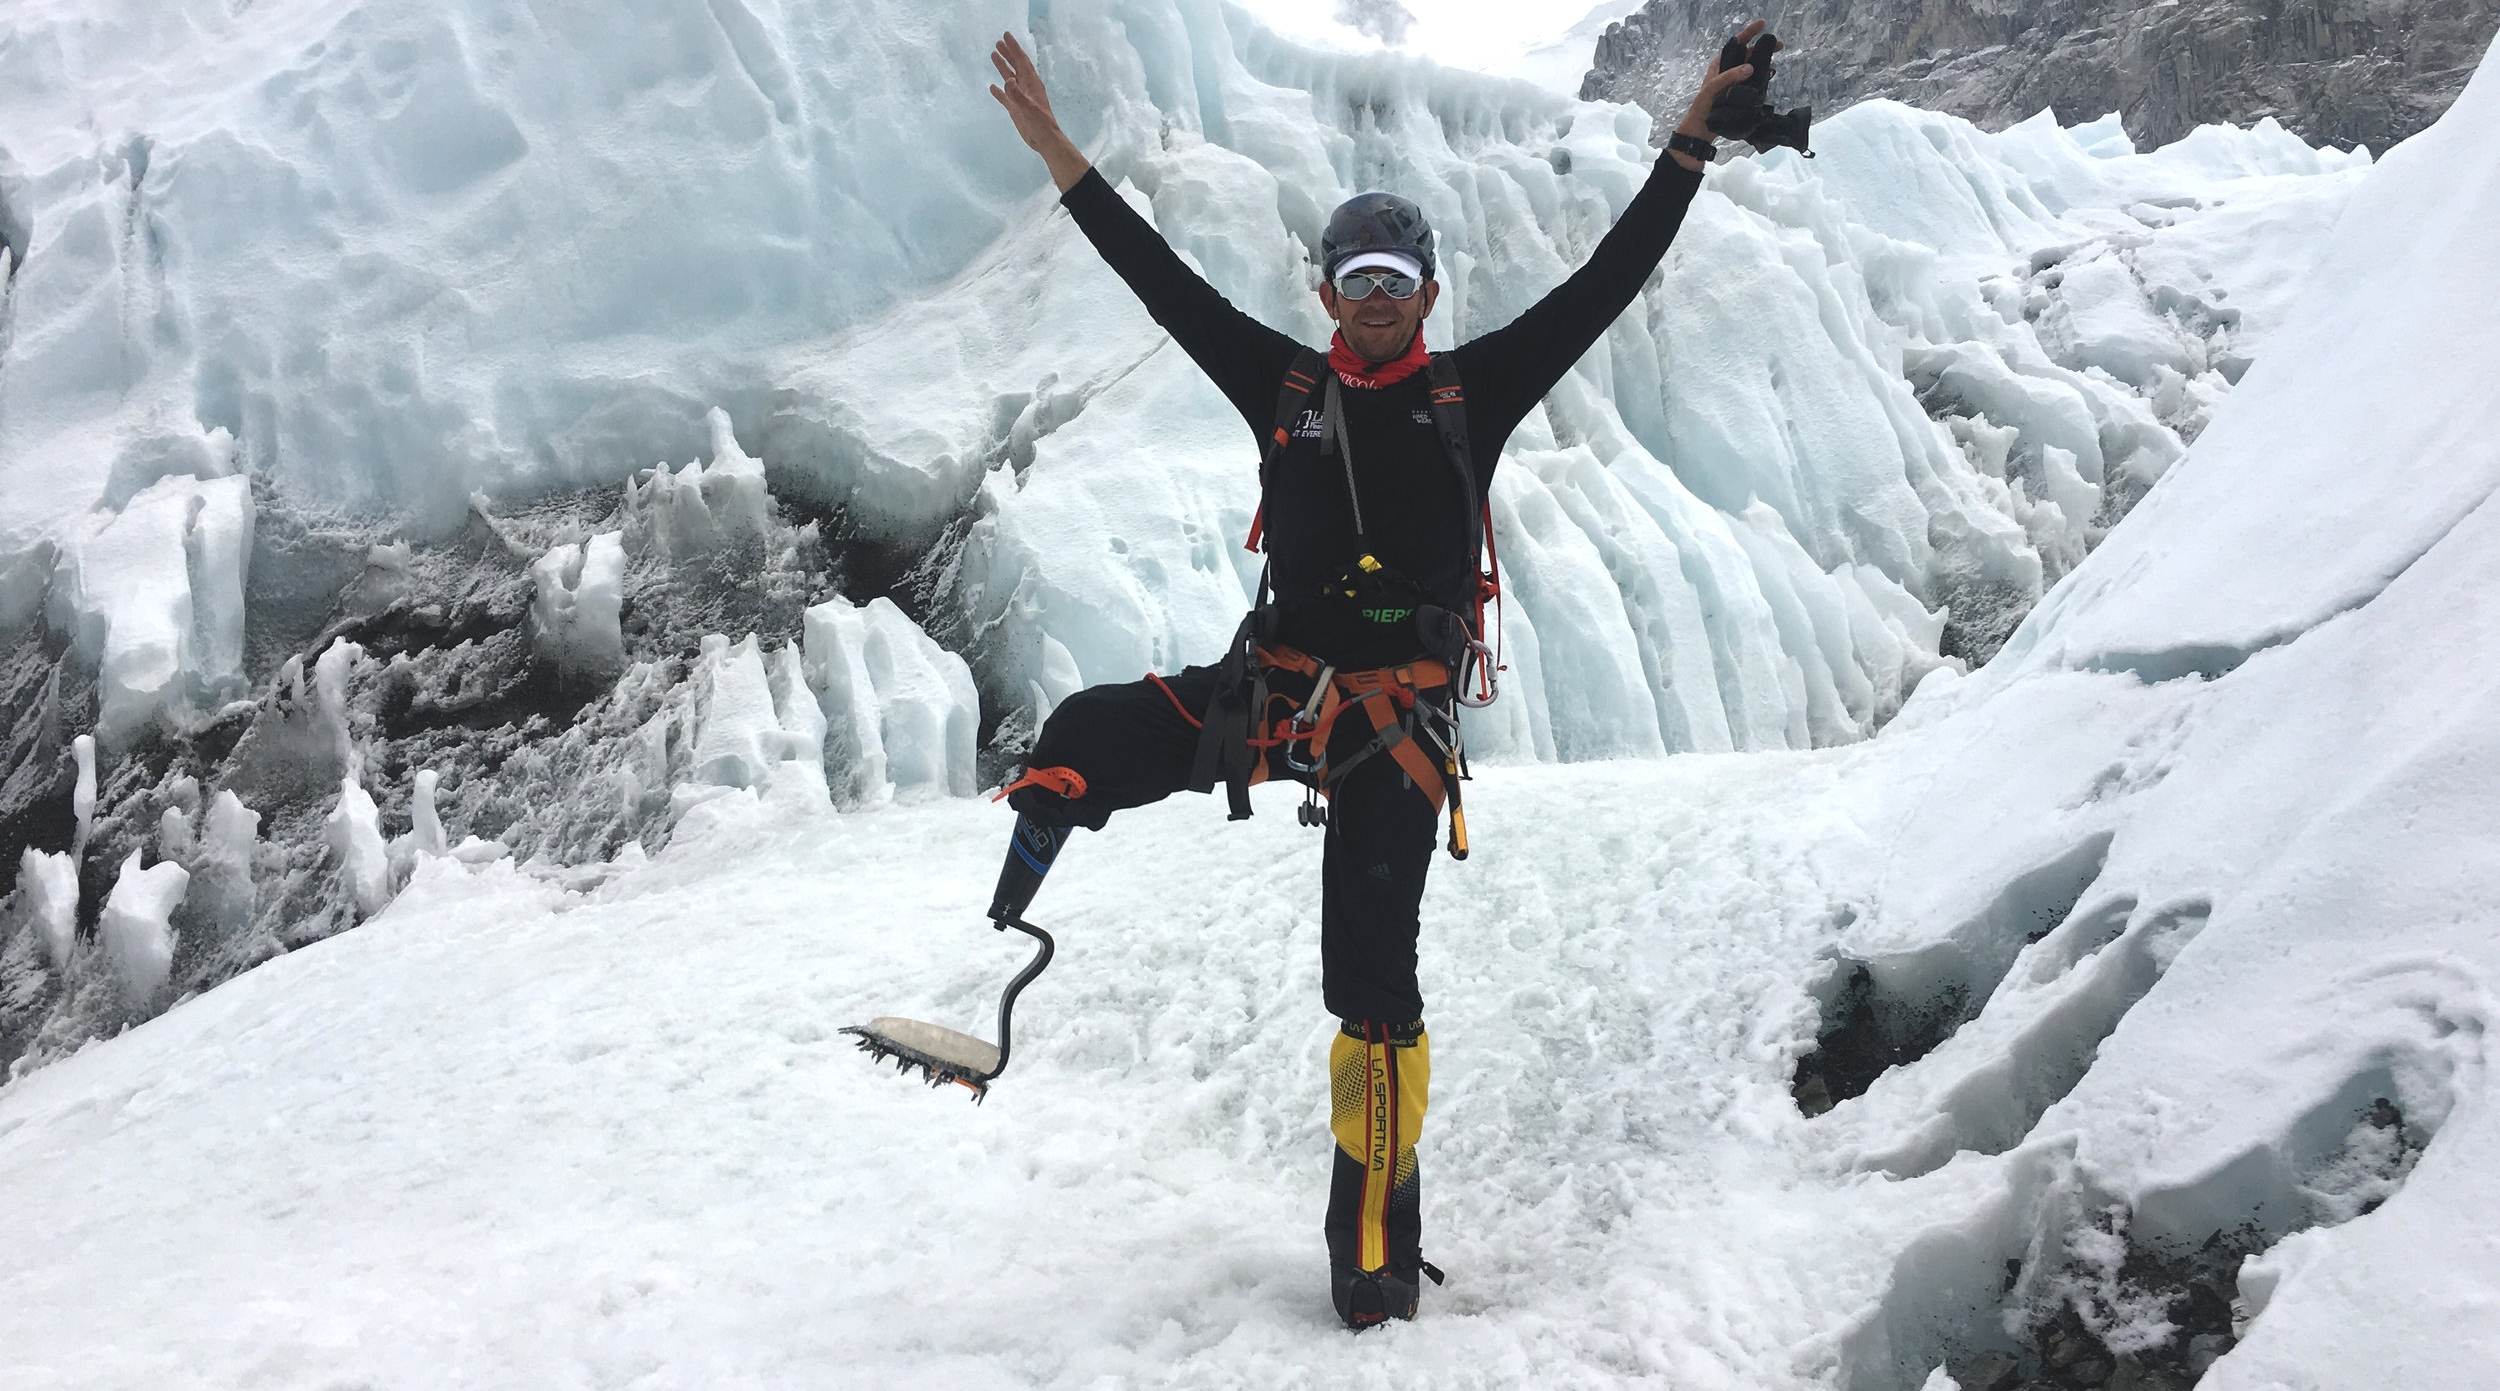 Jeff Glasbrenner shows off his custom-designed carbon-fiber prosthetic leg among the treacherous ice floes of Mount Everest.